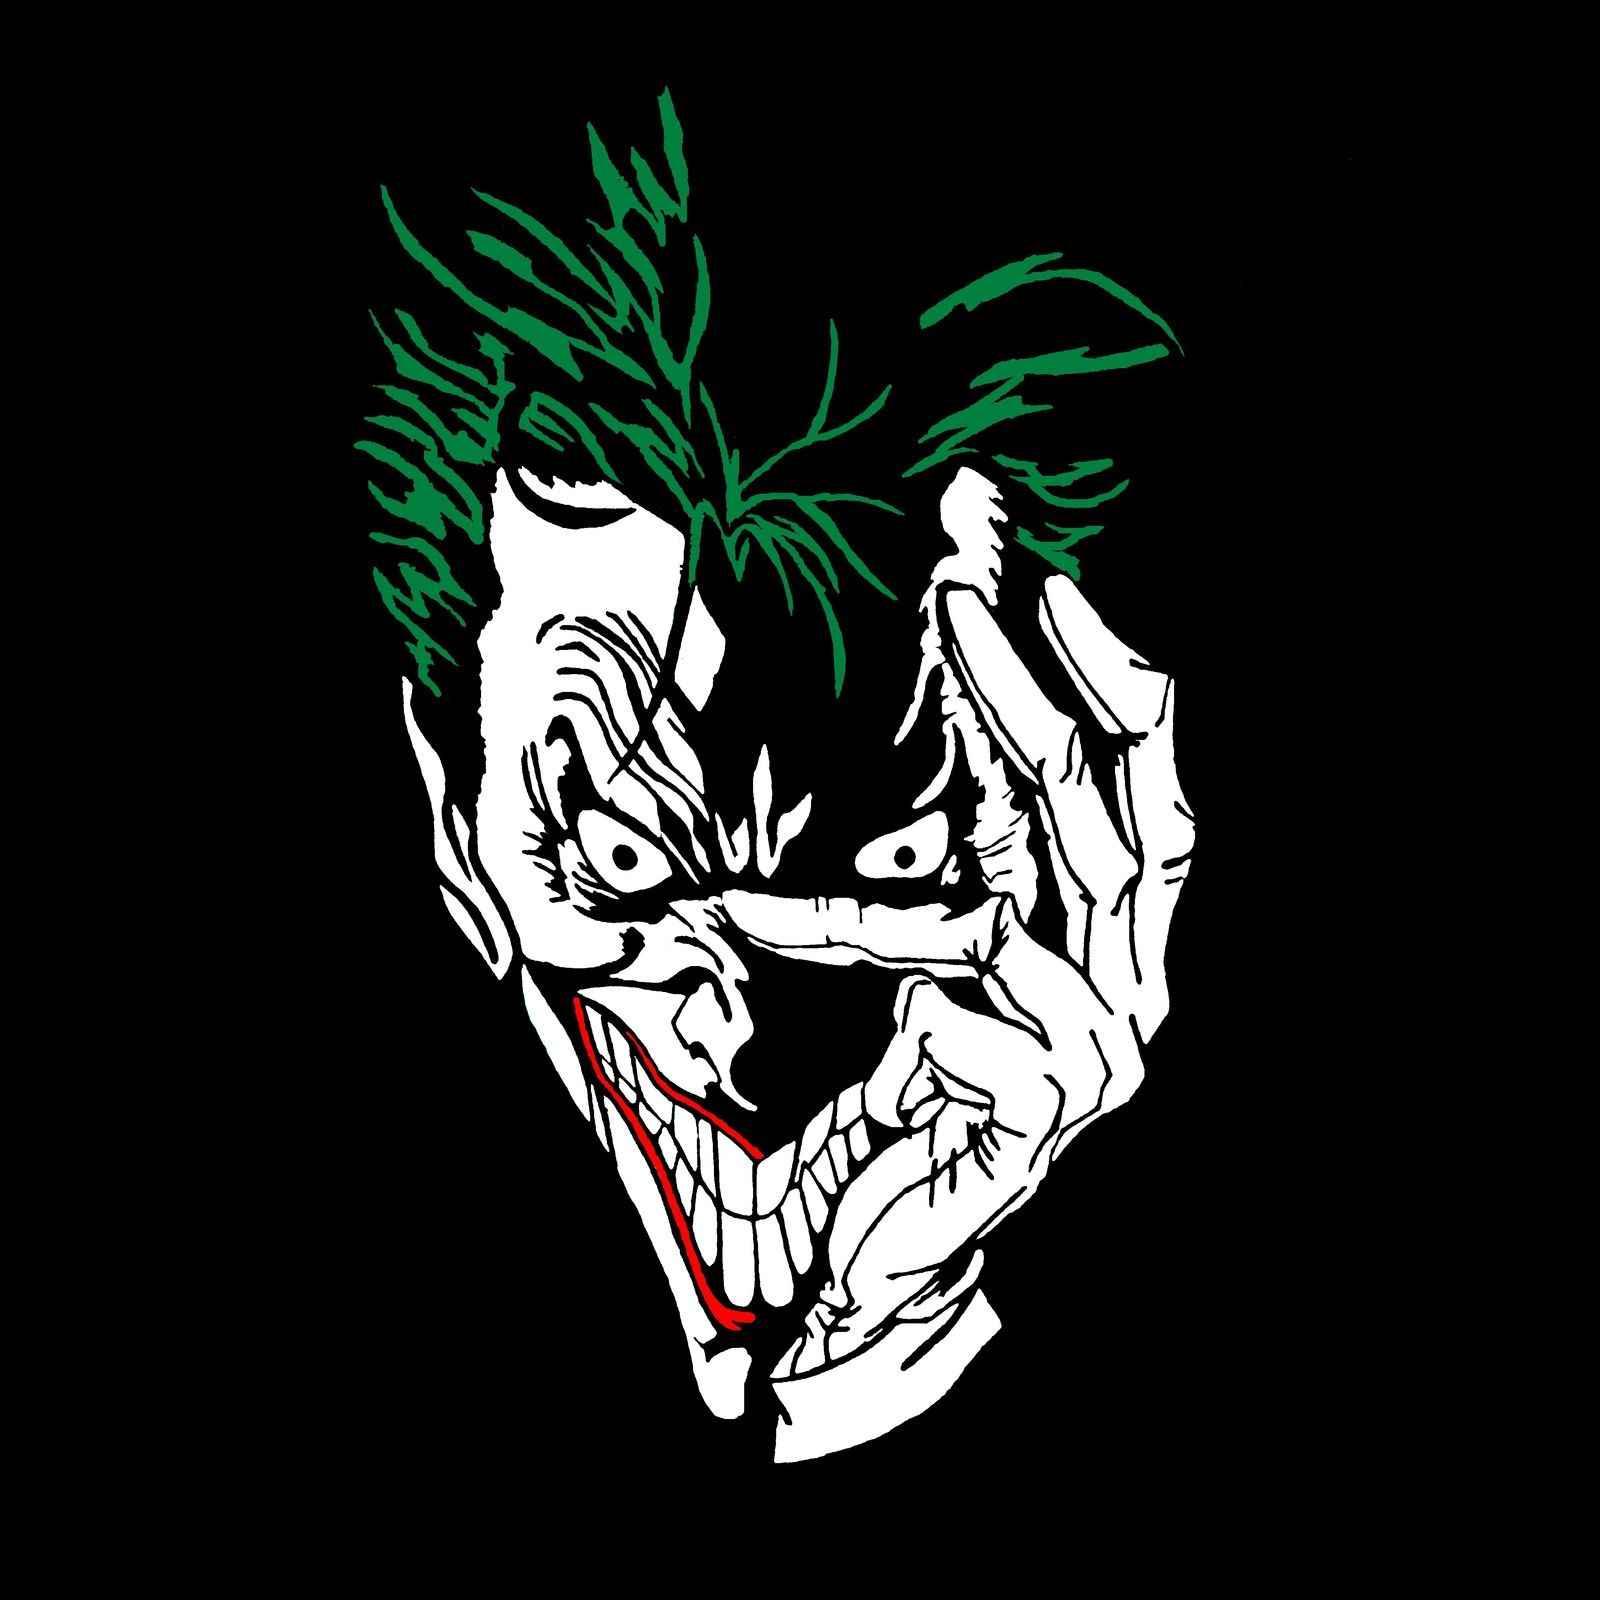 Джокер футболка * Бэтмен *-доступны во всех размерах мужские футболки мода 2019 Лето Уличная